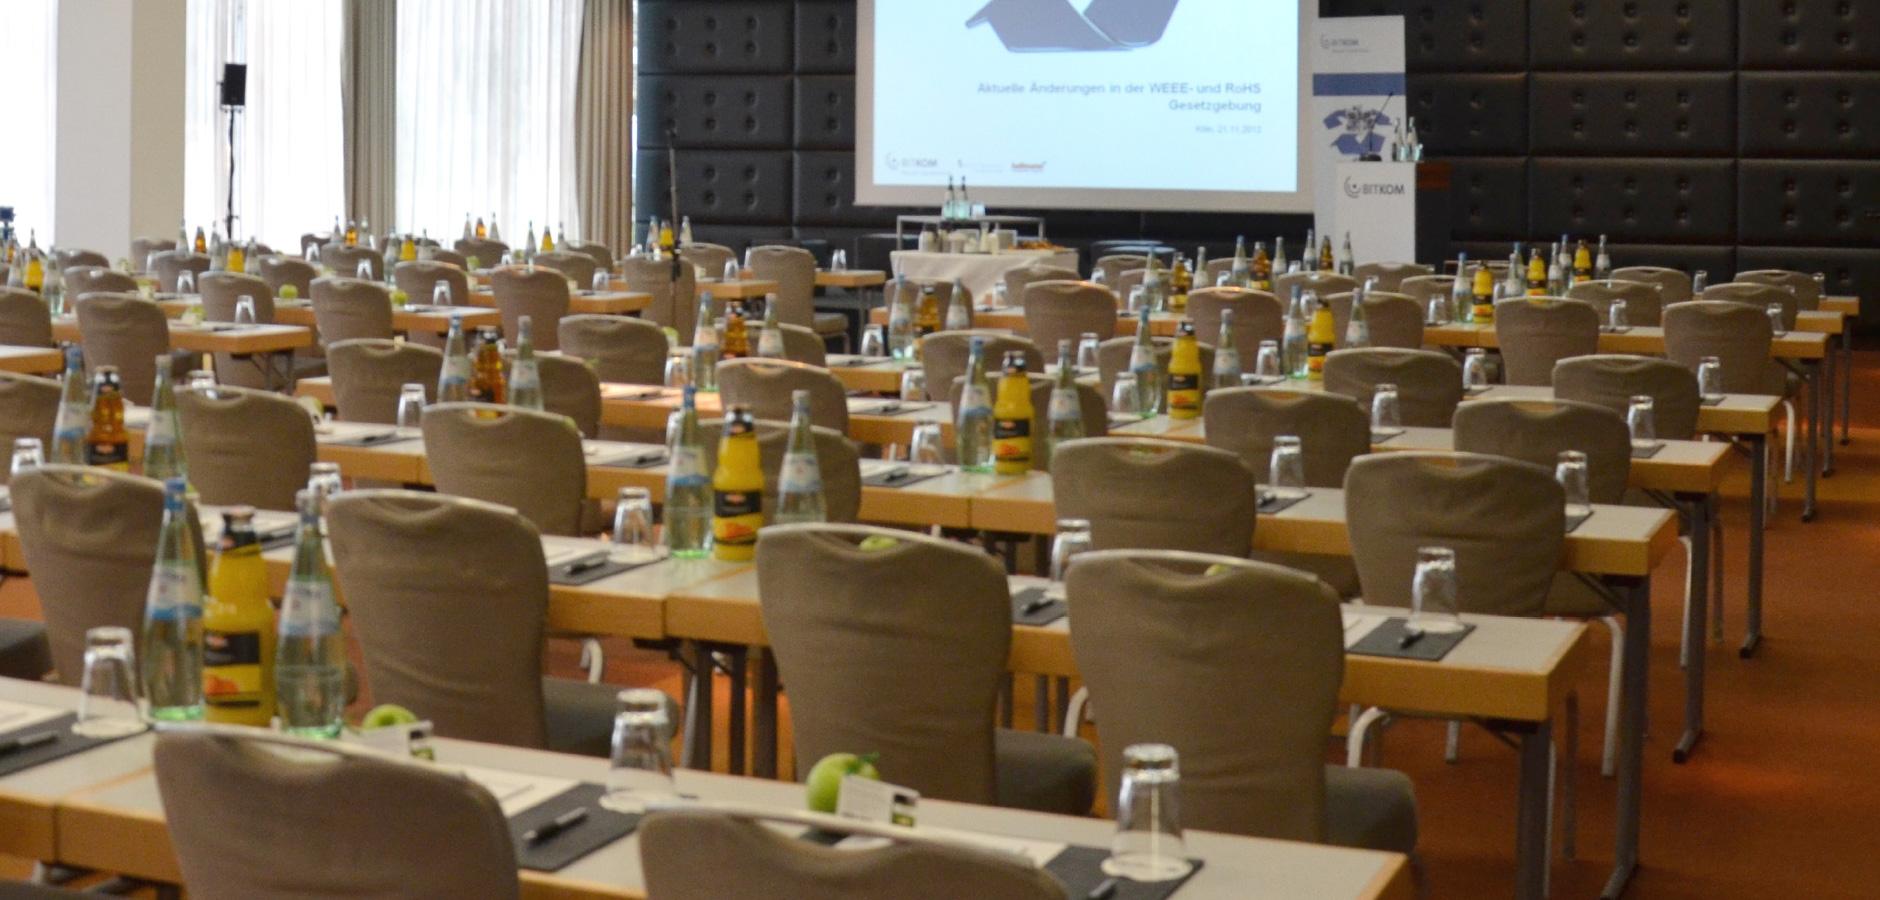 BITKOM - Recast Conference